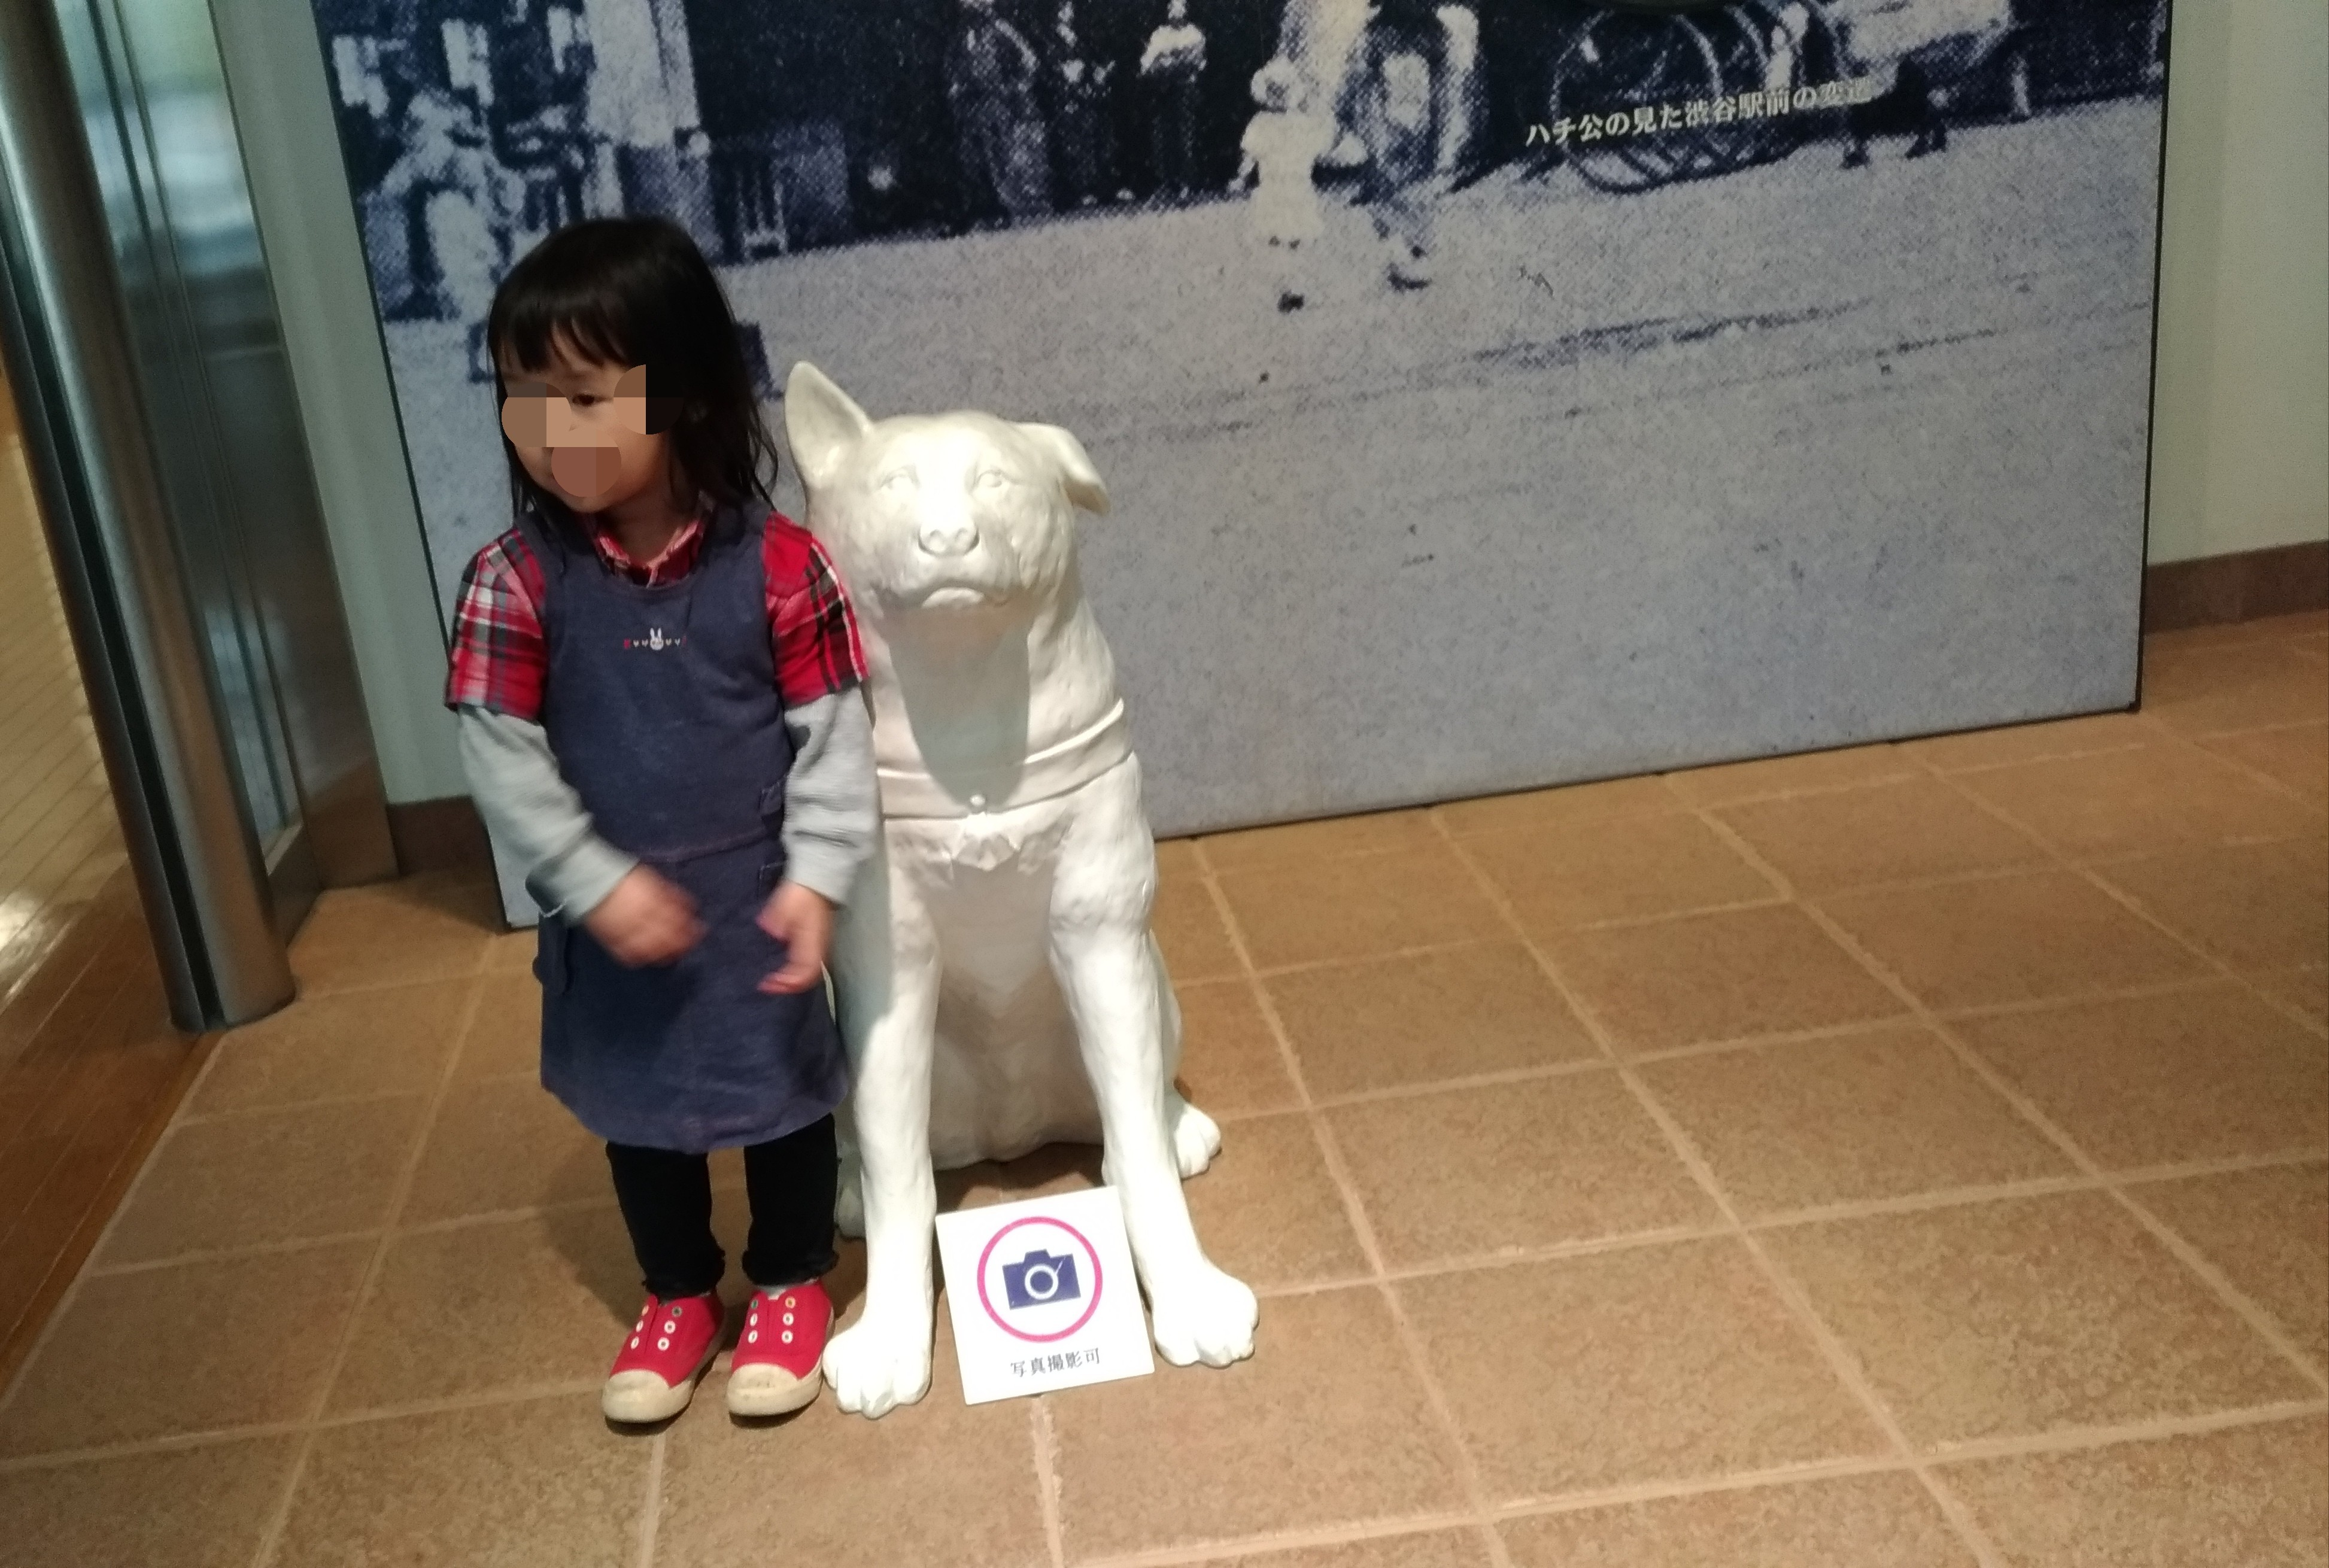 渋谷区郷土博物館